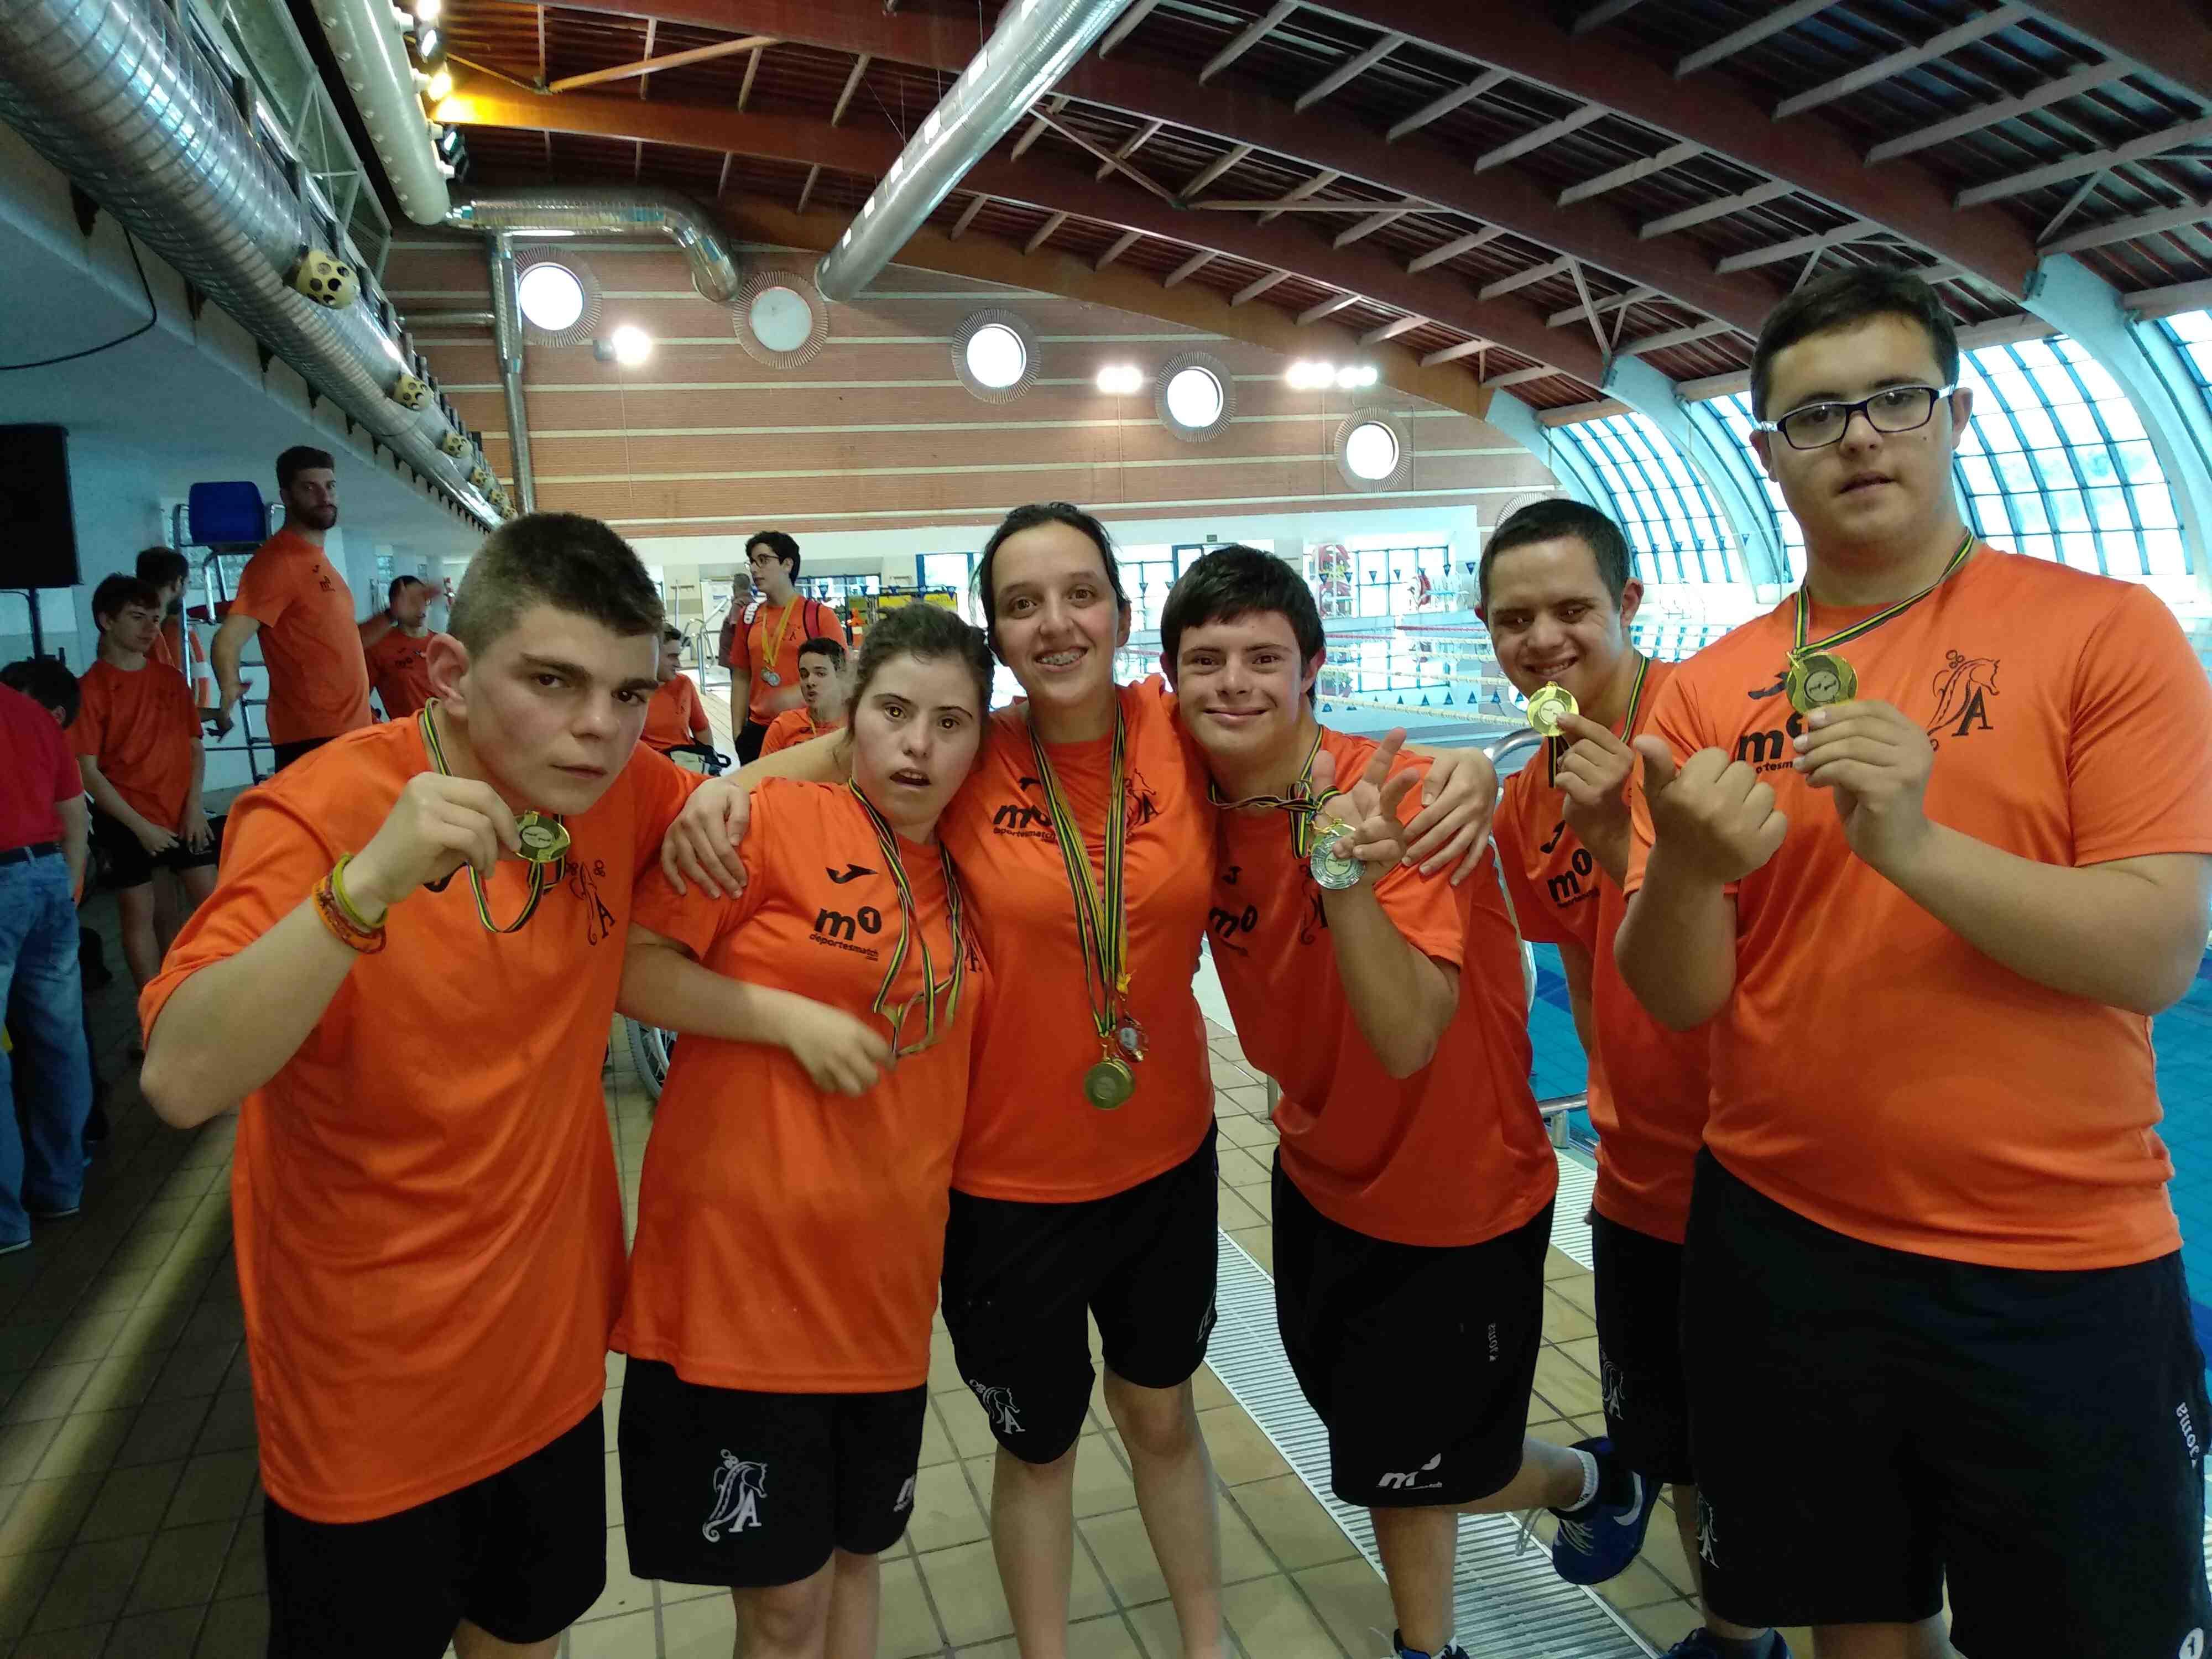 Macarena Esteve, de Castalla, logra la medalla de plata a nivel autonómico en 50 metros libres